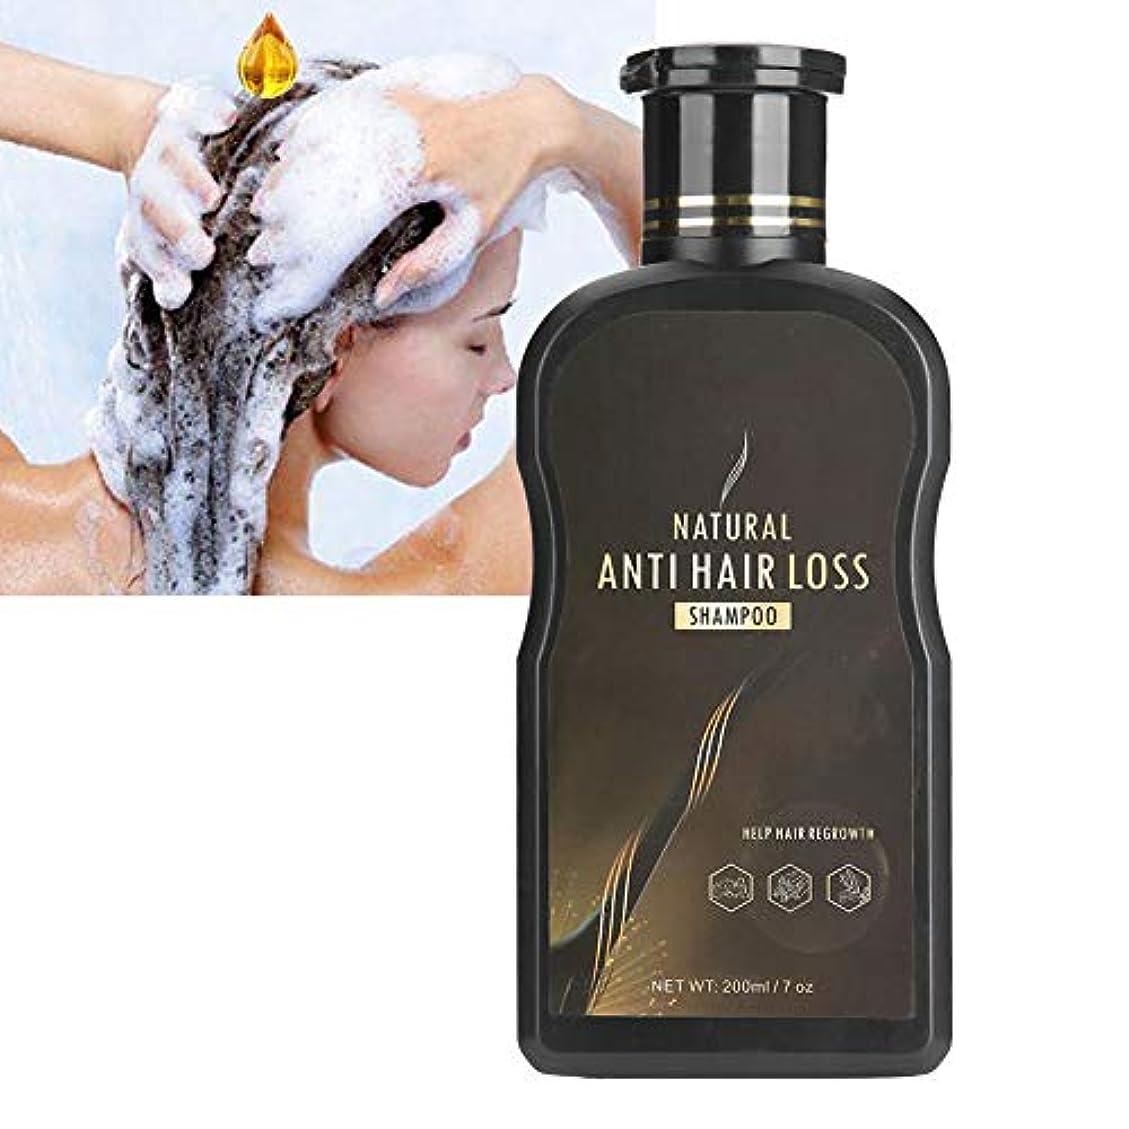 車契約するボールシャンプー、栄養毛根の修理傷んだ髪のスケールを防ぐすべての髪のタイプ男性と女性のための脱毛頭皮ケア製品を予防する200mlボトル